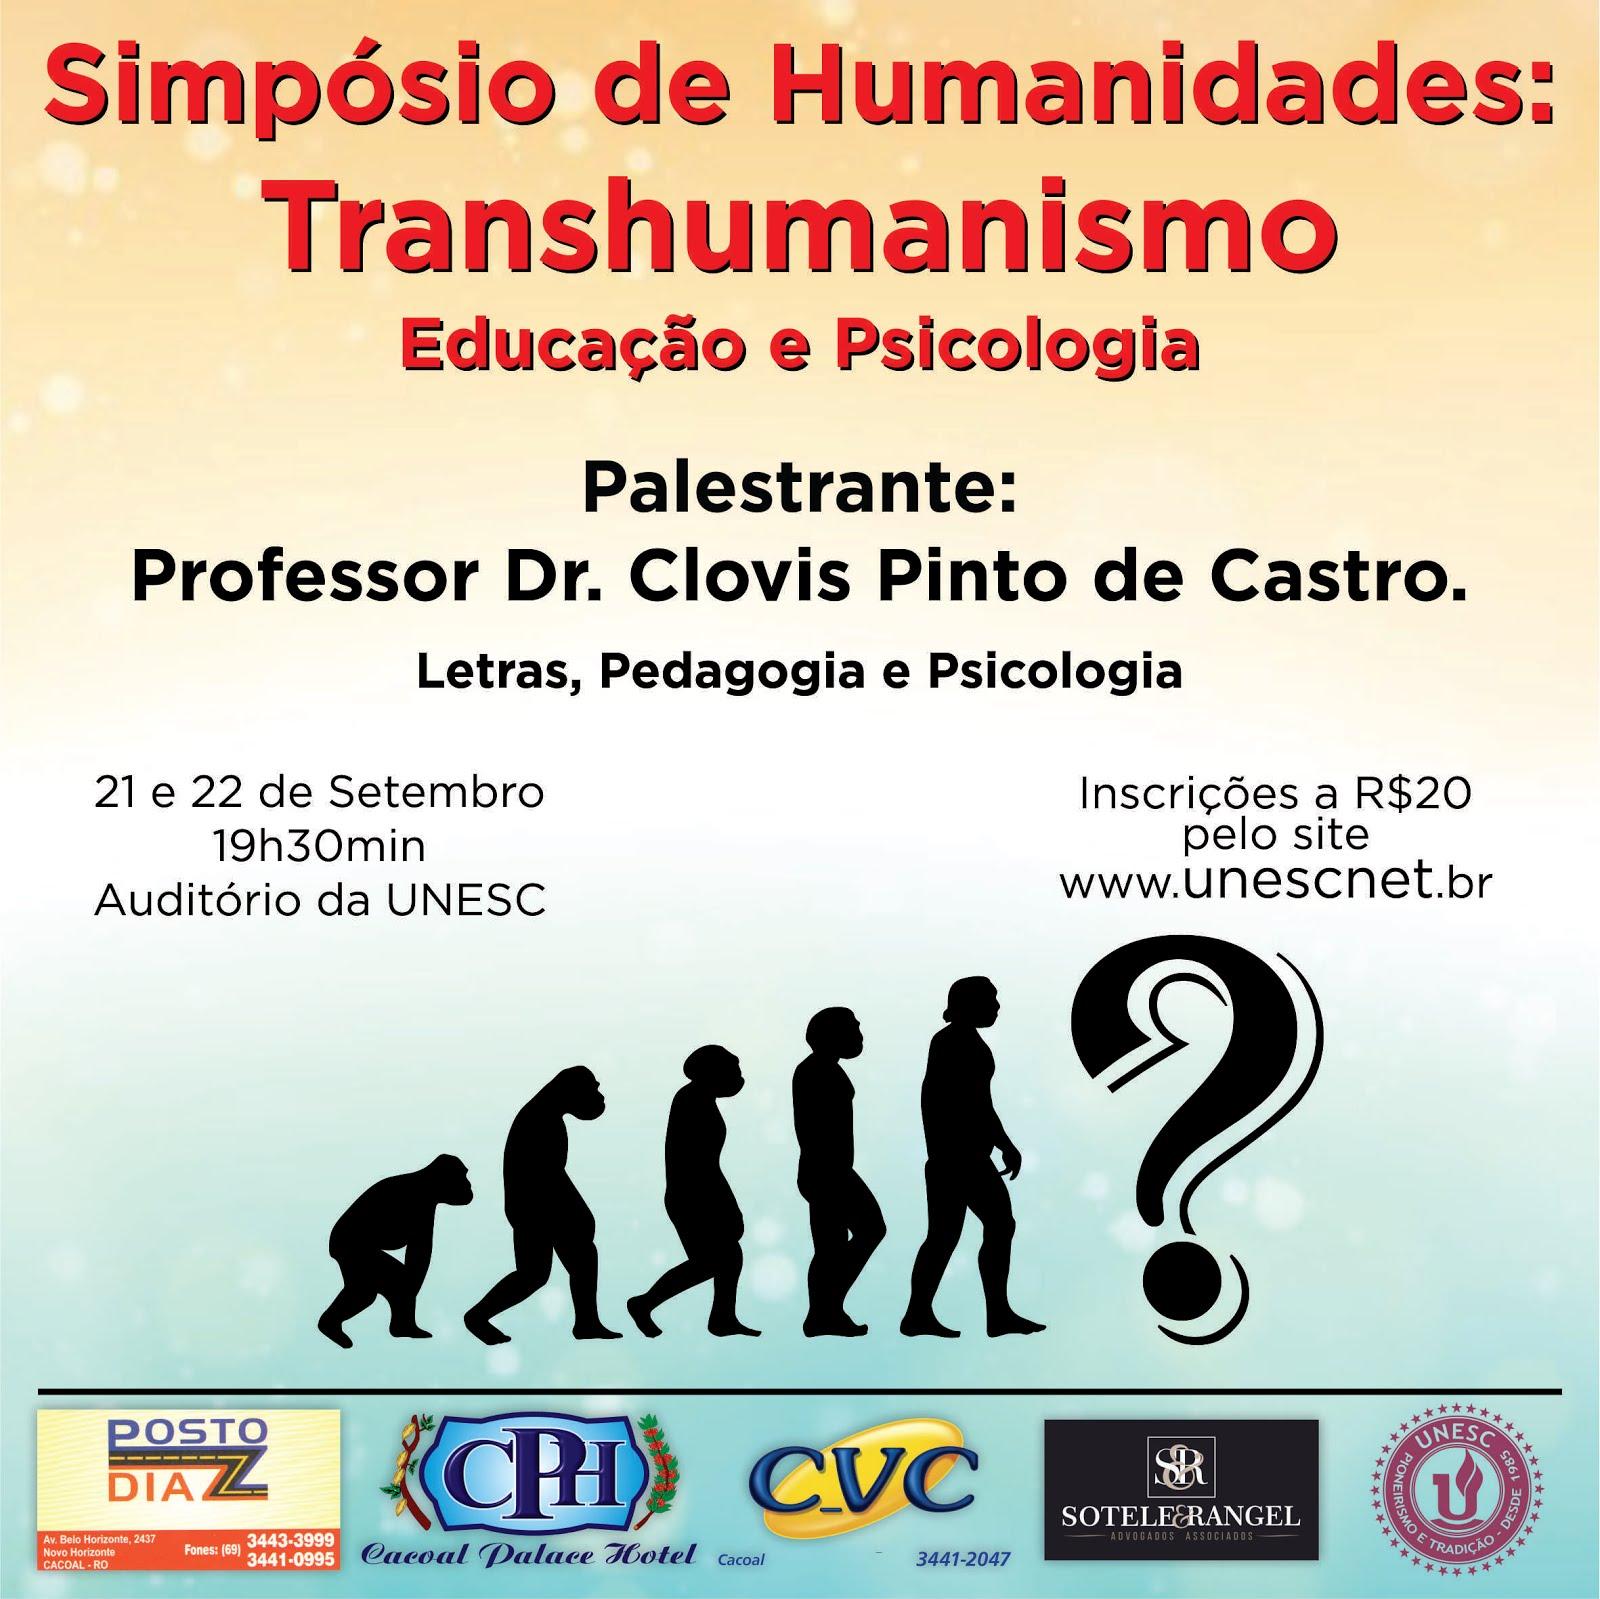 SIMPÓSIO DE HUMANIDADES